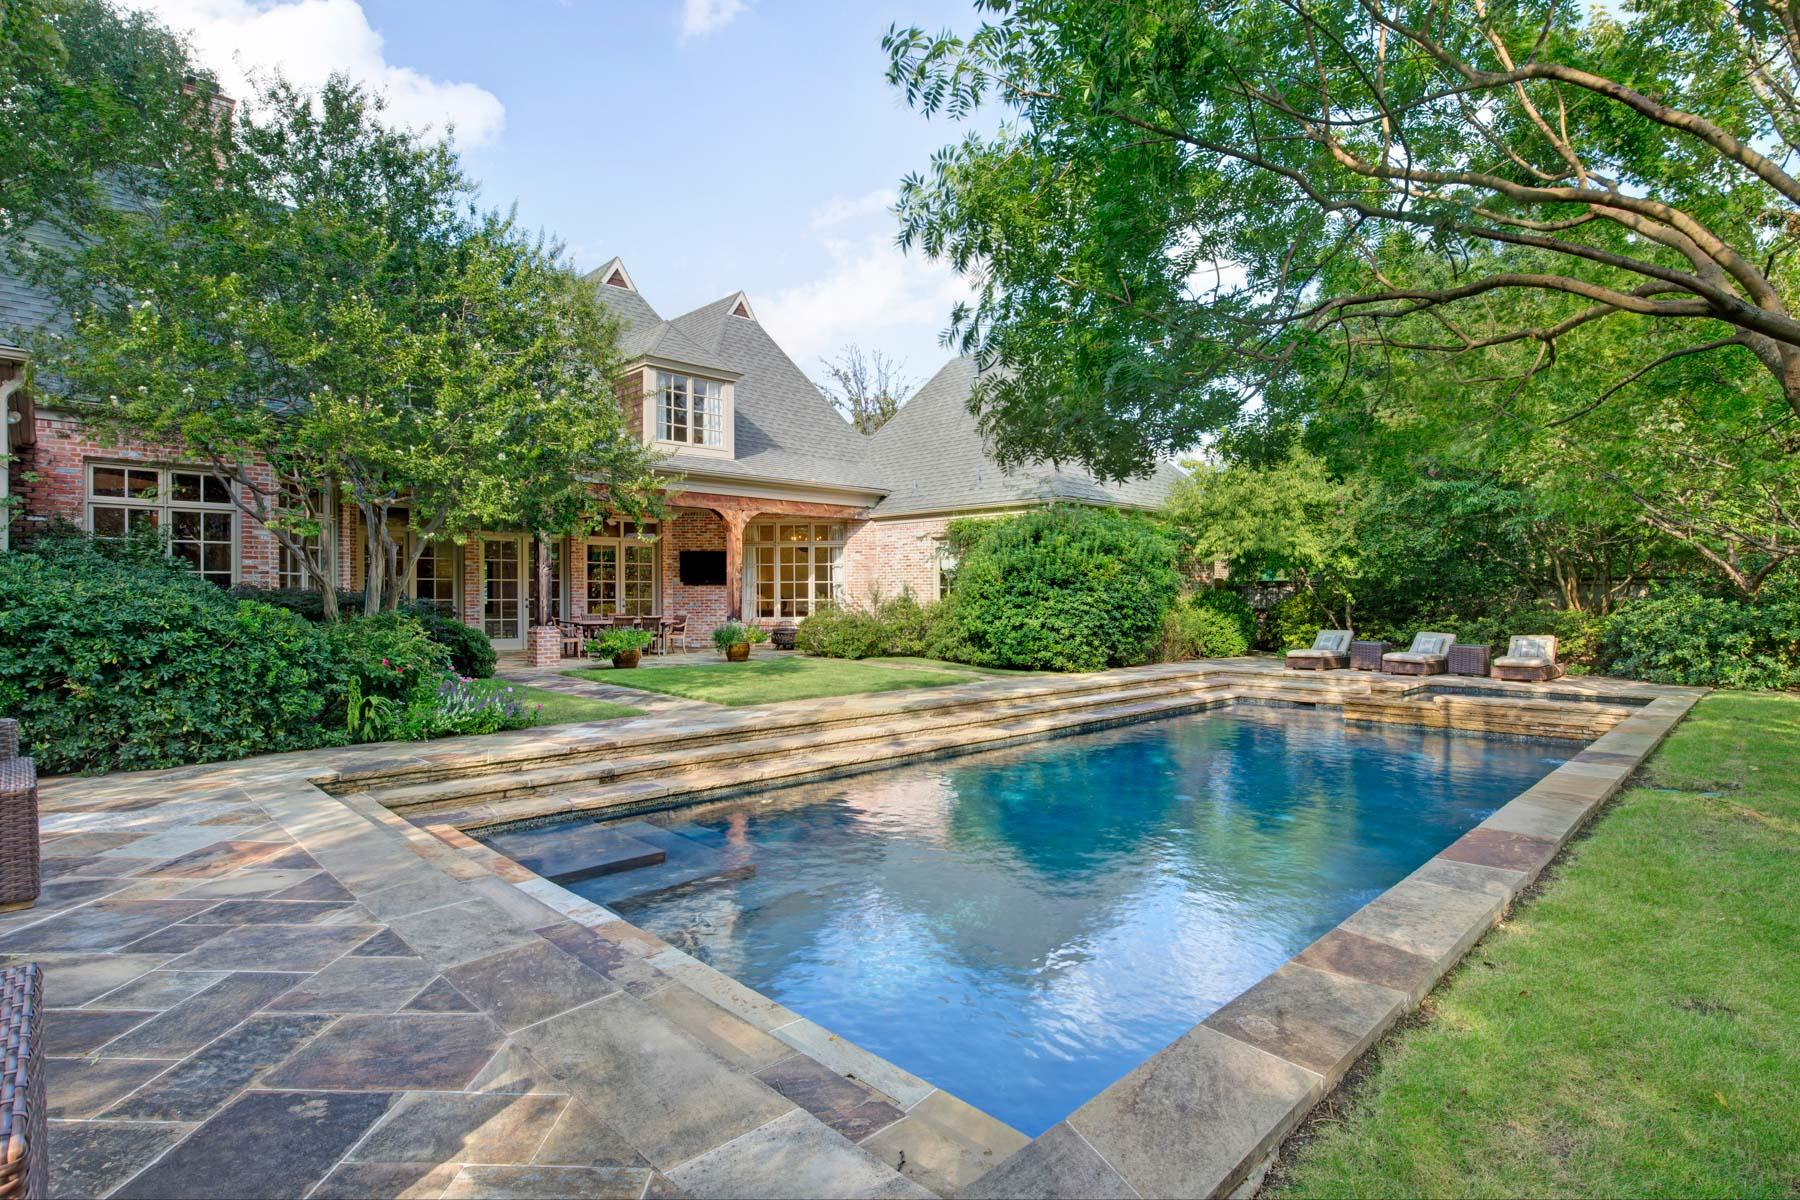 Villa per Vendita alle ore Stunning Custom Gated French Normandy 6054 Norway Rd Dallas, Texas, 75230 Stati Uniti